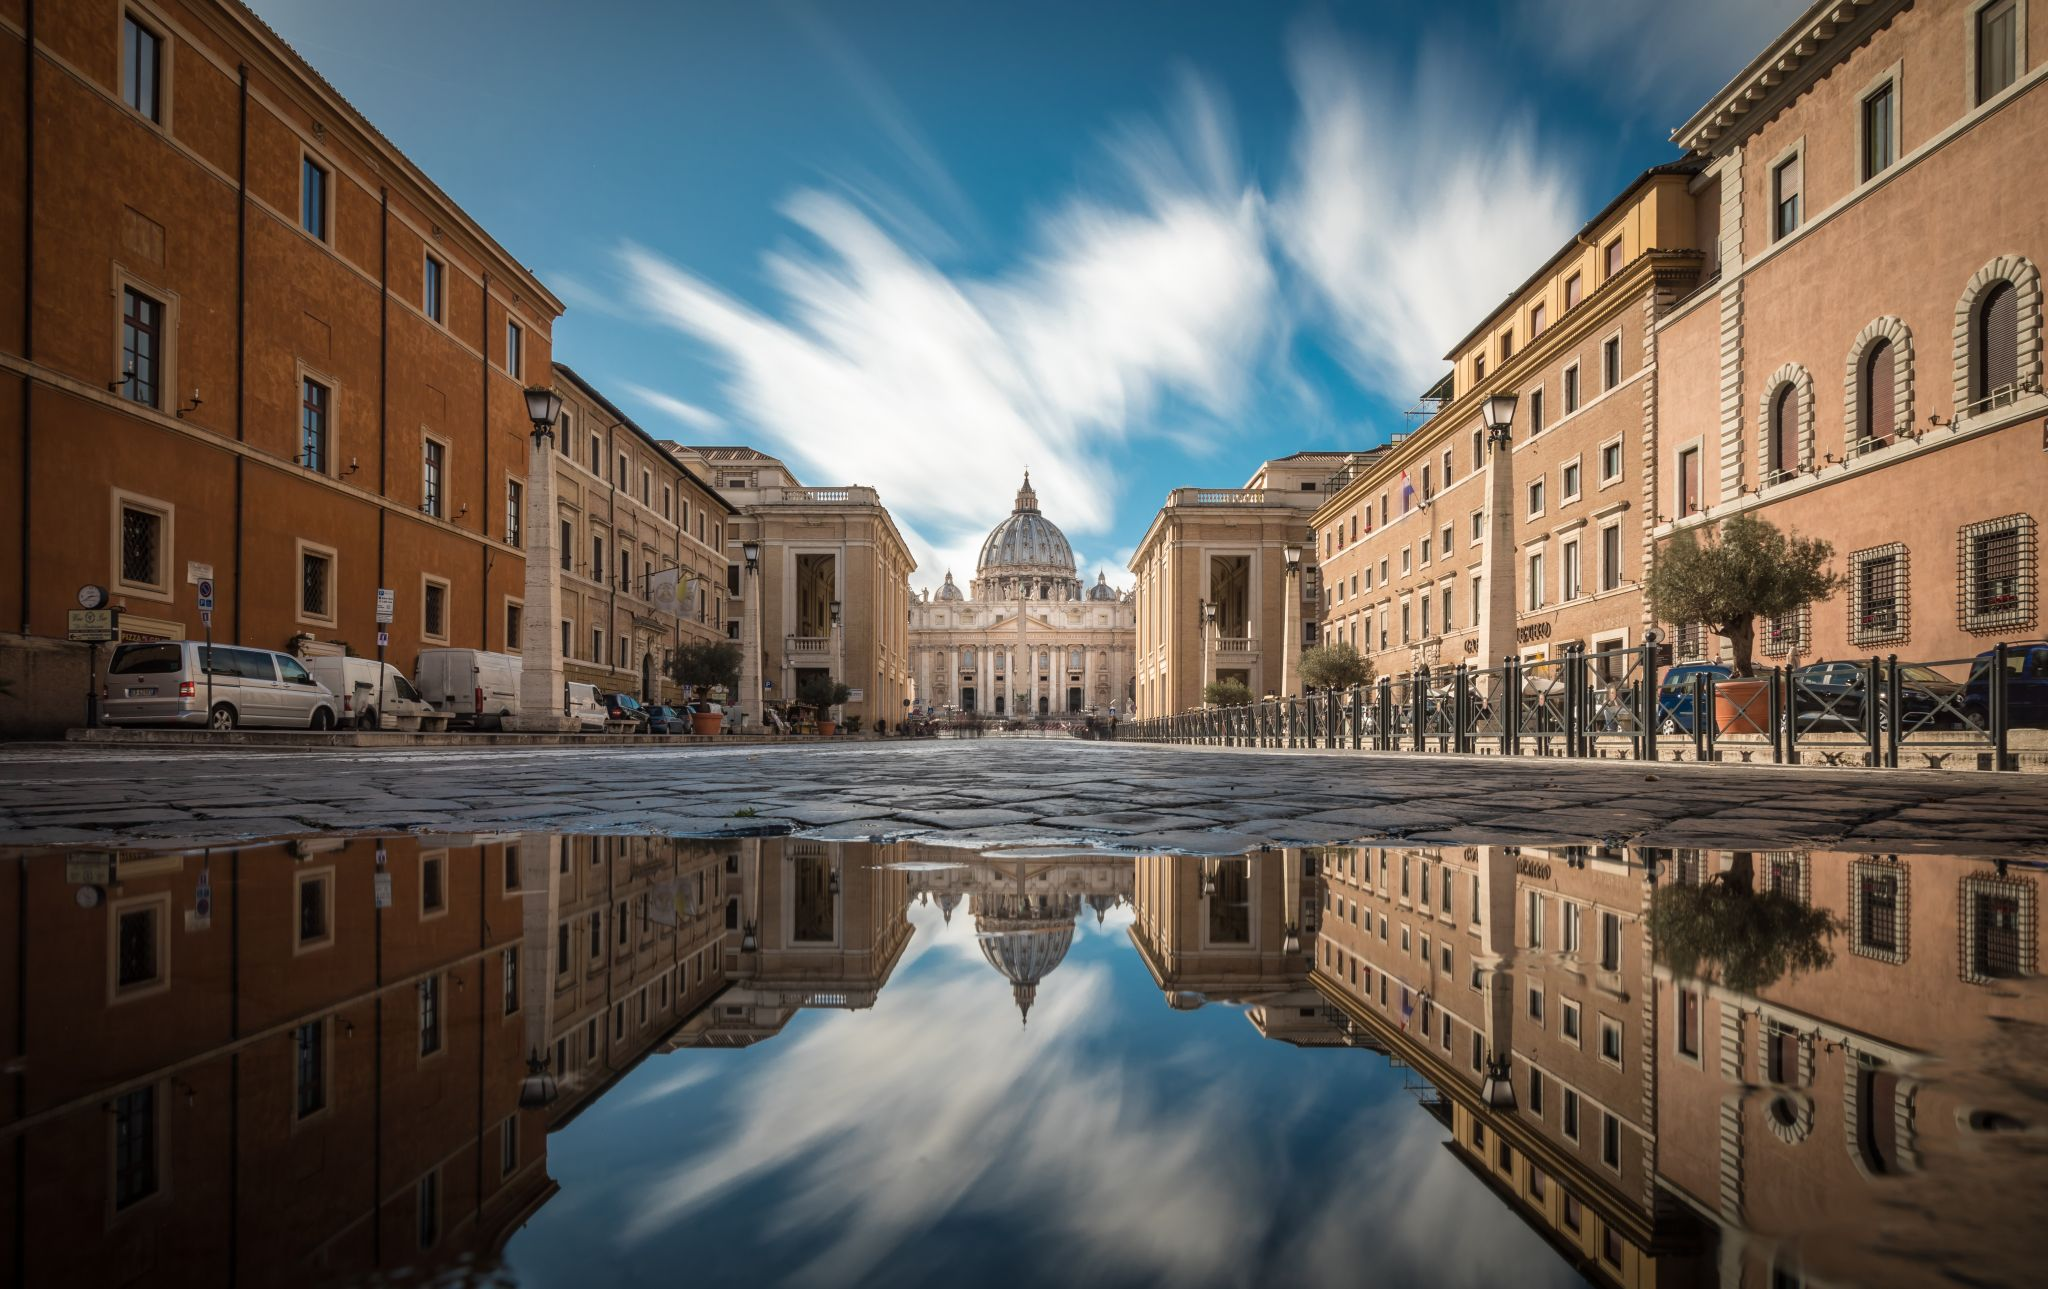 Basilica di San Pietro, Via della Conciliazione, Italy